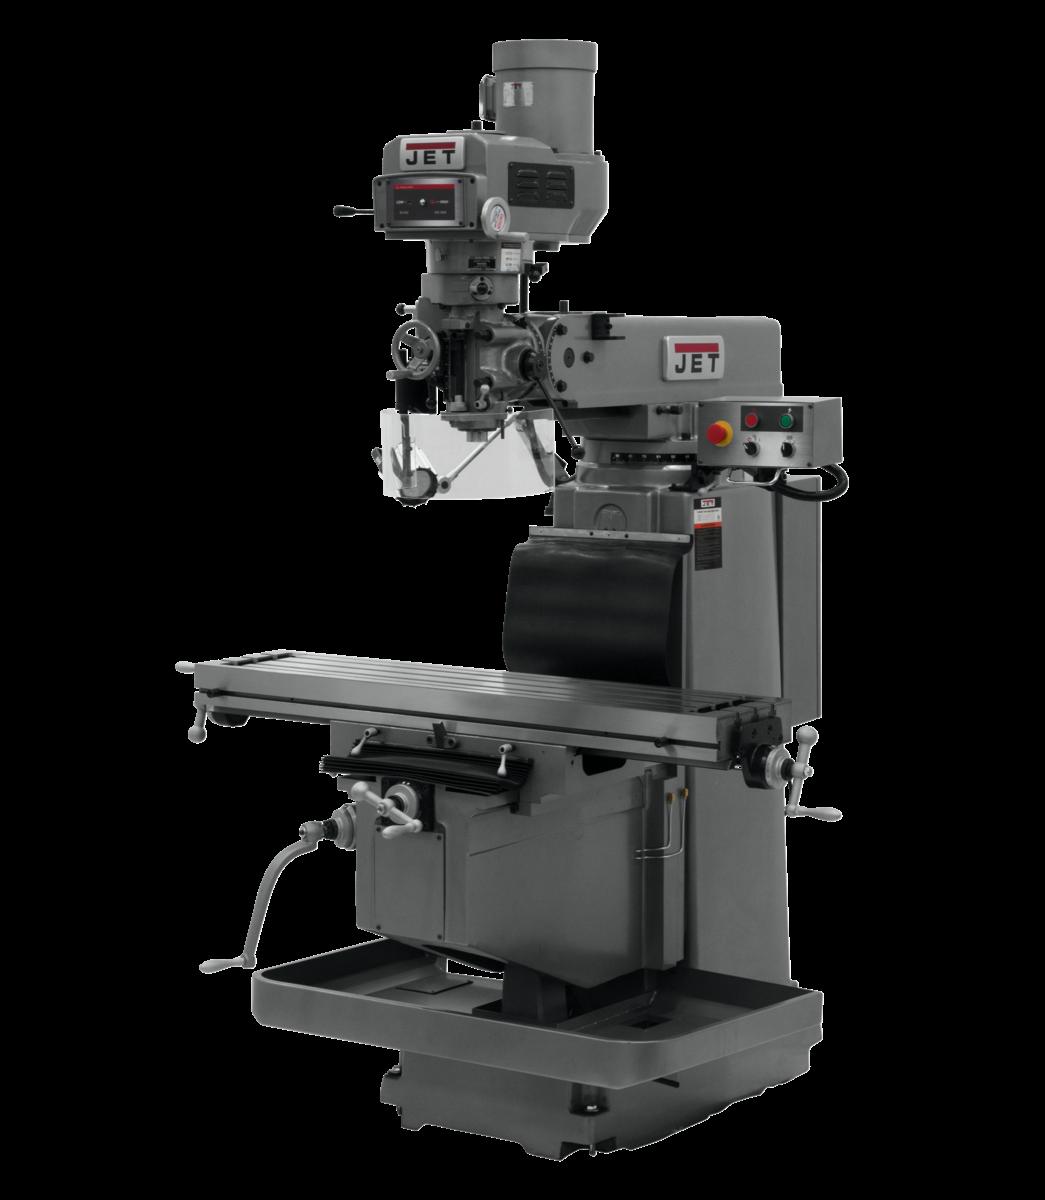 JTM-1254RVS Variable Speed Vertical Mill Machine 230/460V, 3Ph